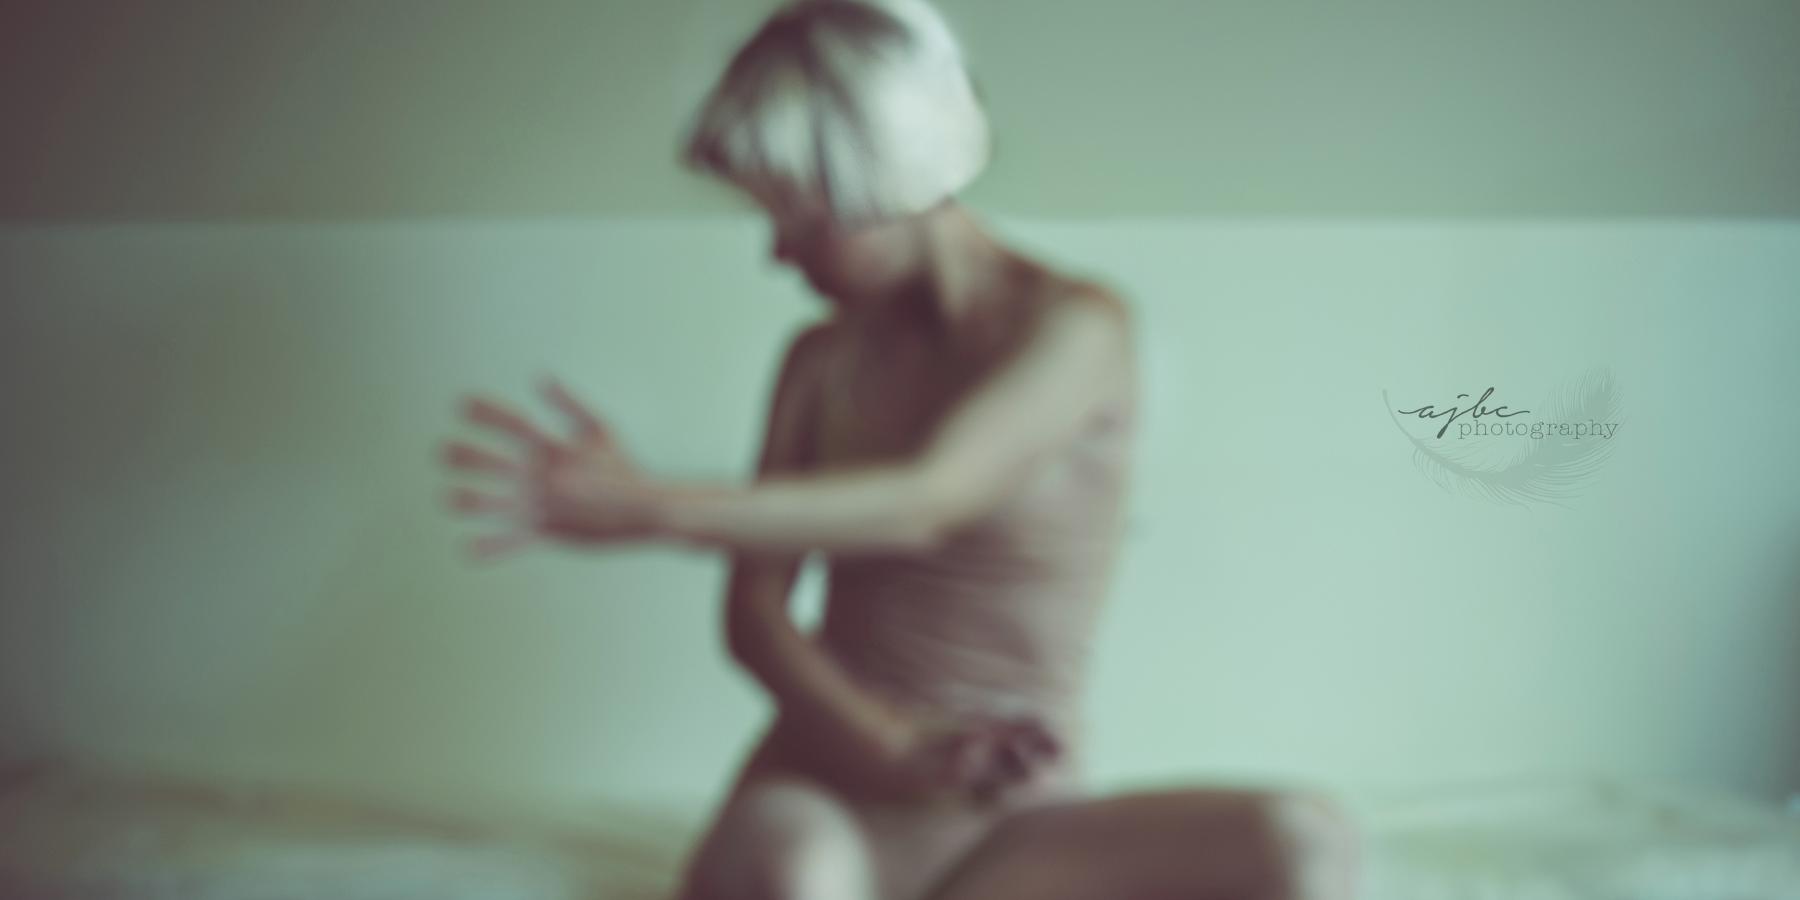 Sia Chandelier Art Saint Clair Photographer studio.png